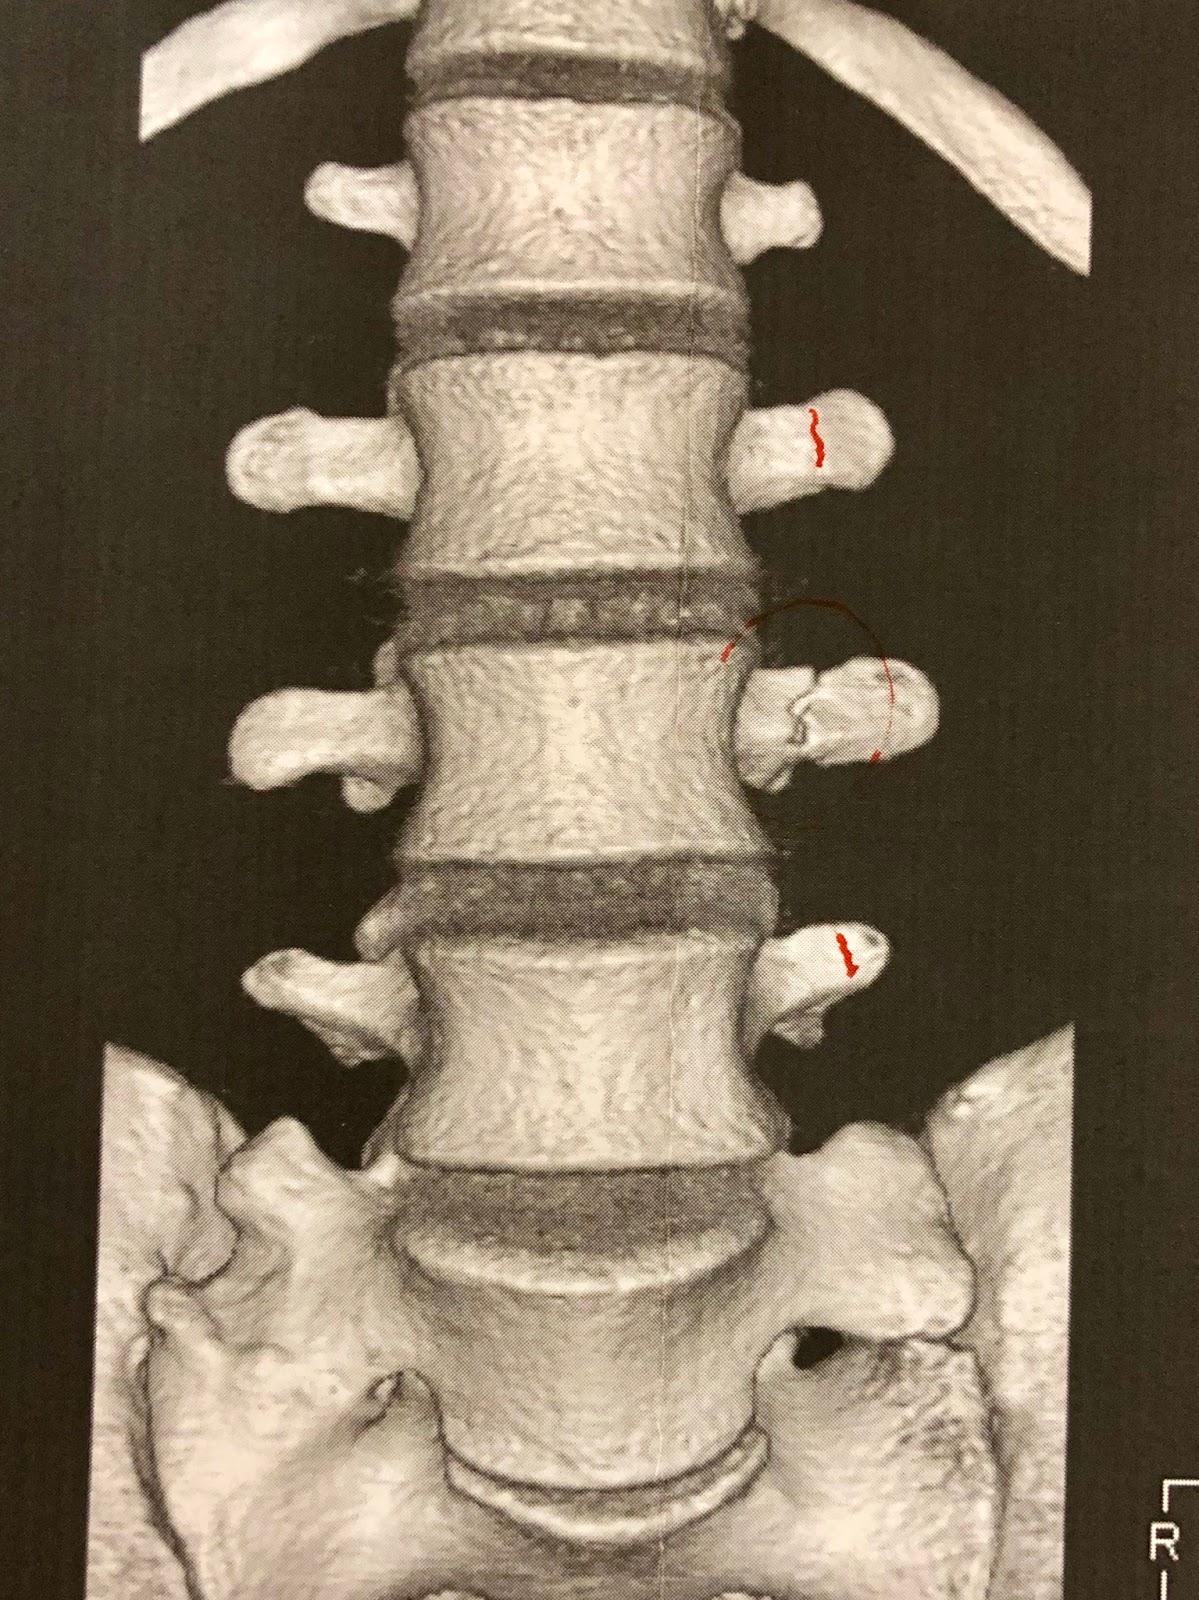 横 突起 腰椎 ランドマークとしての棘突起~棘突起と対応する骨の触診~|CLINICIANS